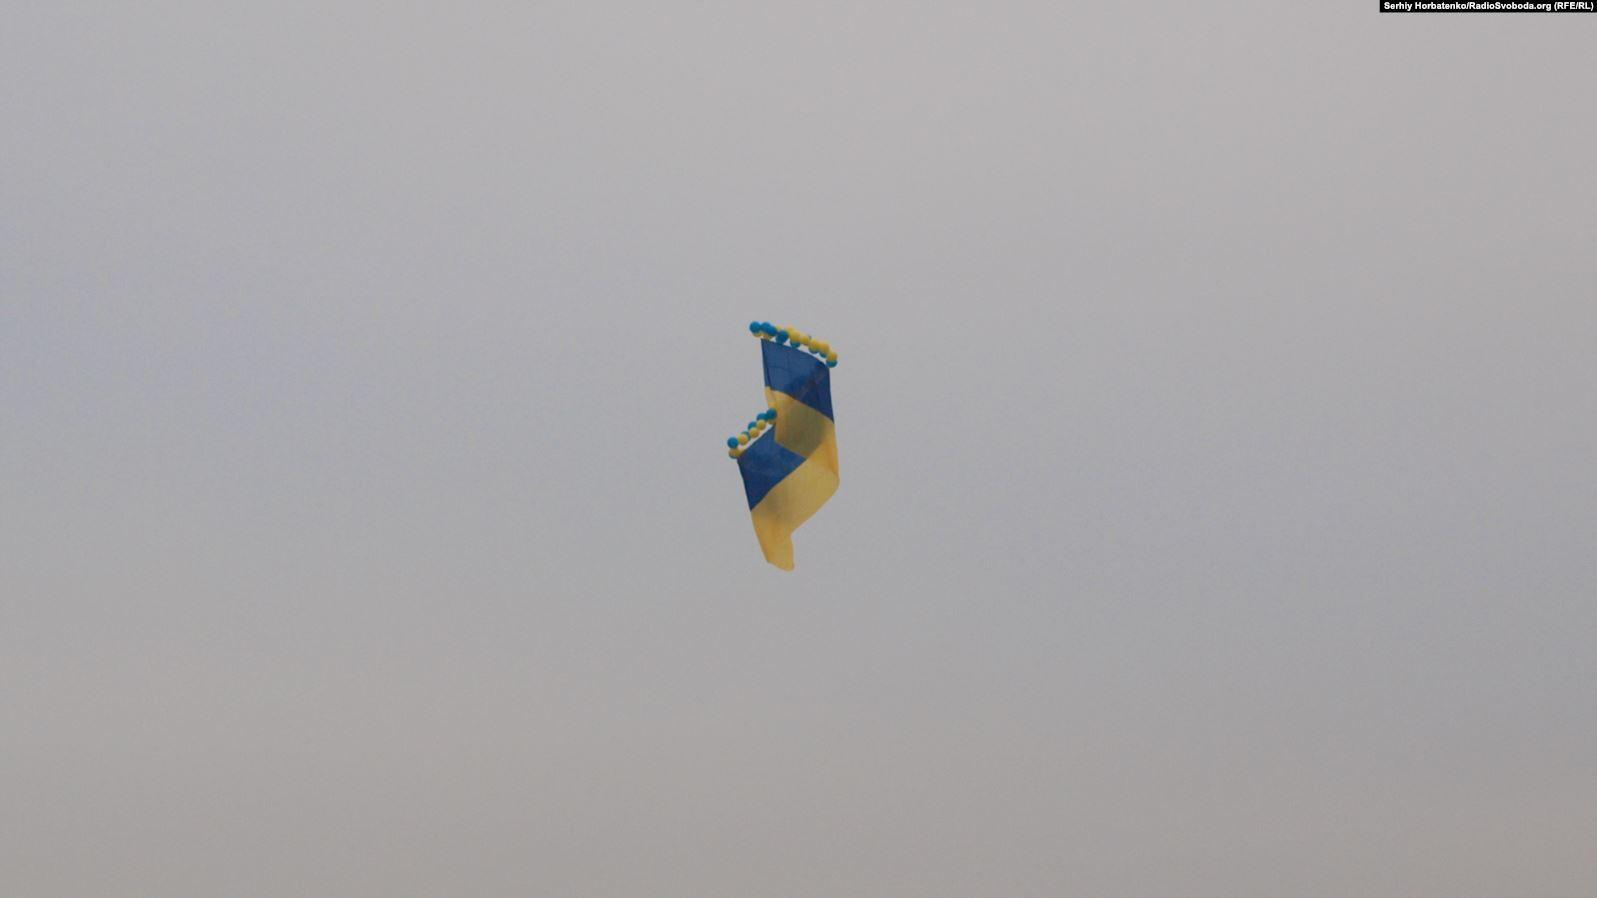 Прапор має розмір 20 на 6 метрів